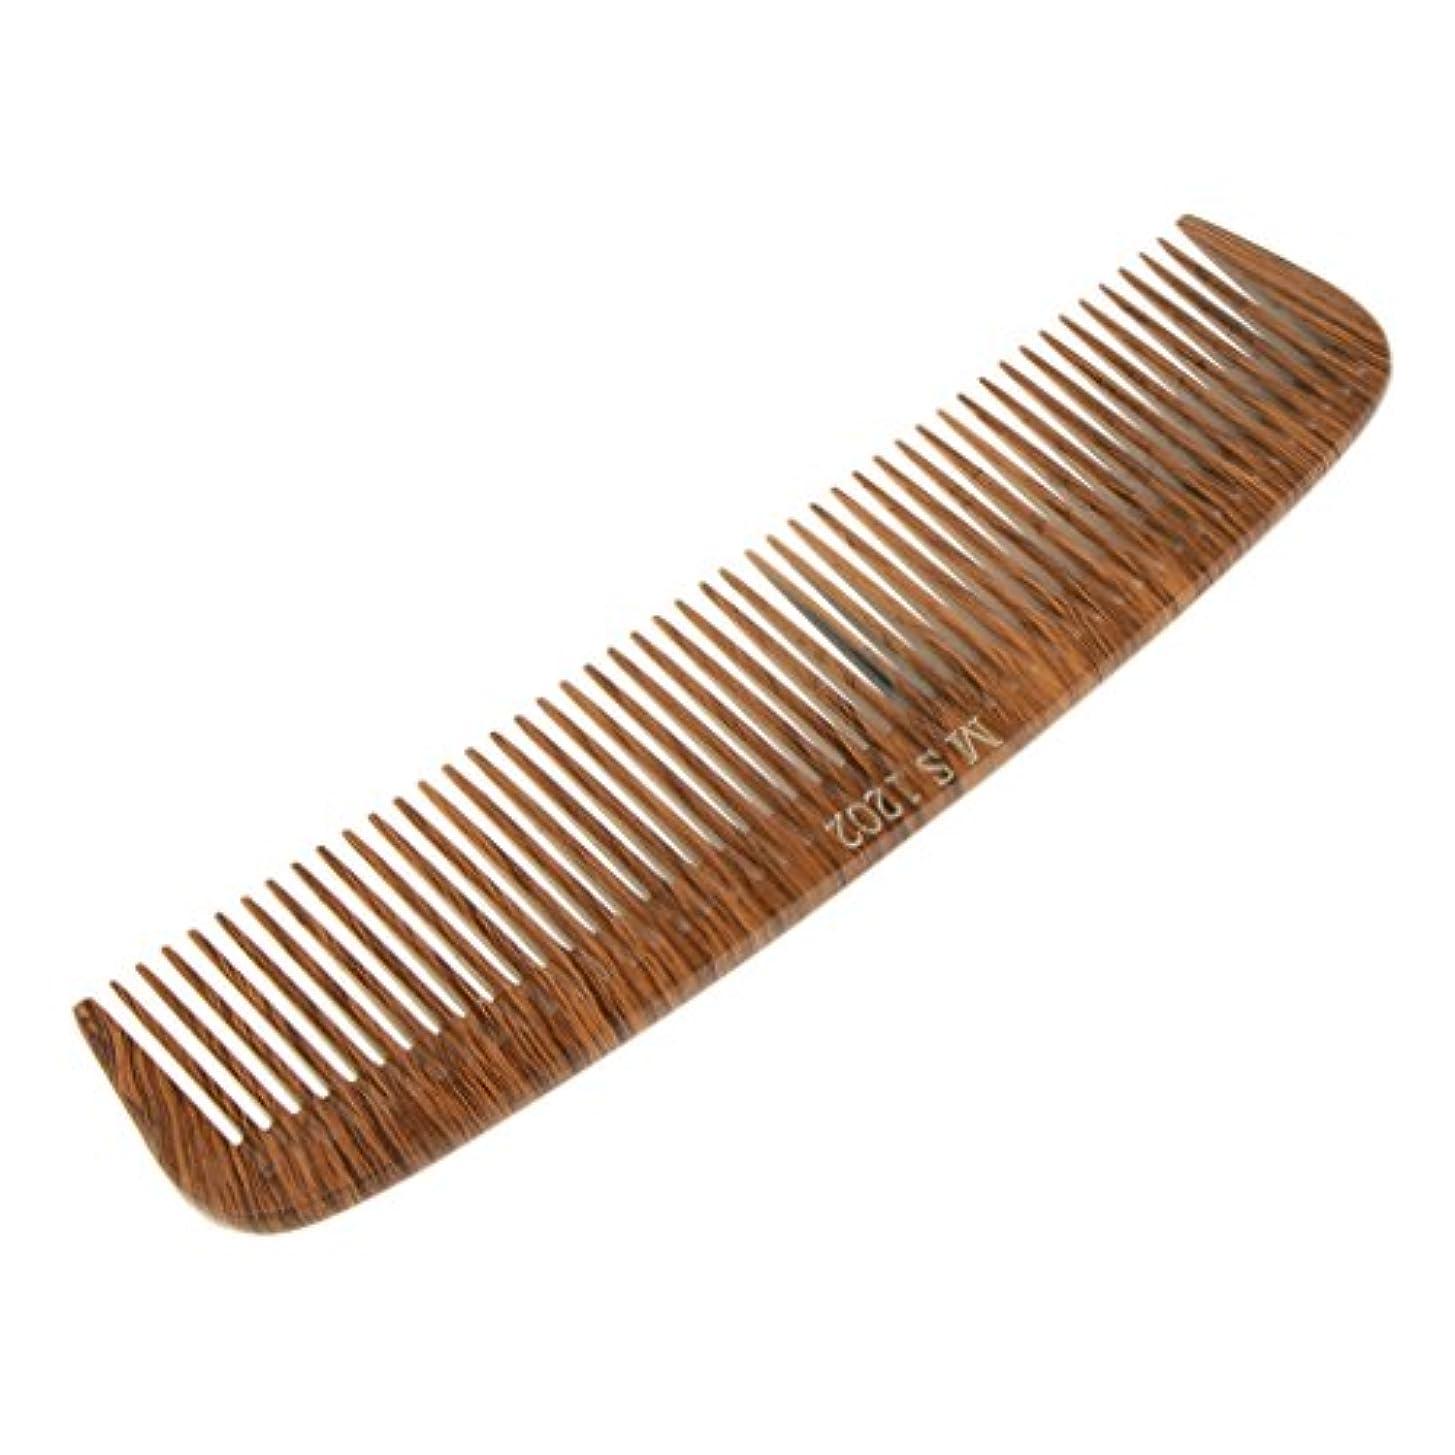 情報有罪経済ヘアコーム ヘアブラシ 帯電防止 ウッド サロン 理髪師 ヘアカット ヘアスタイル ヘアケア 4タイプ選べる - 1202